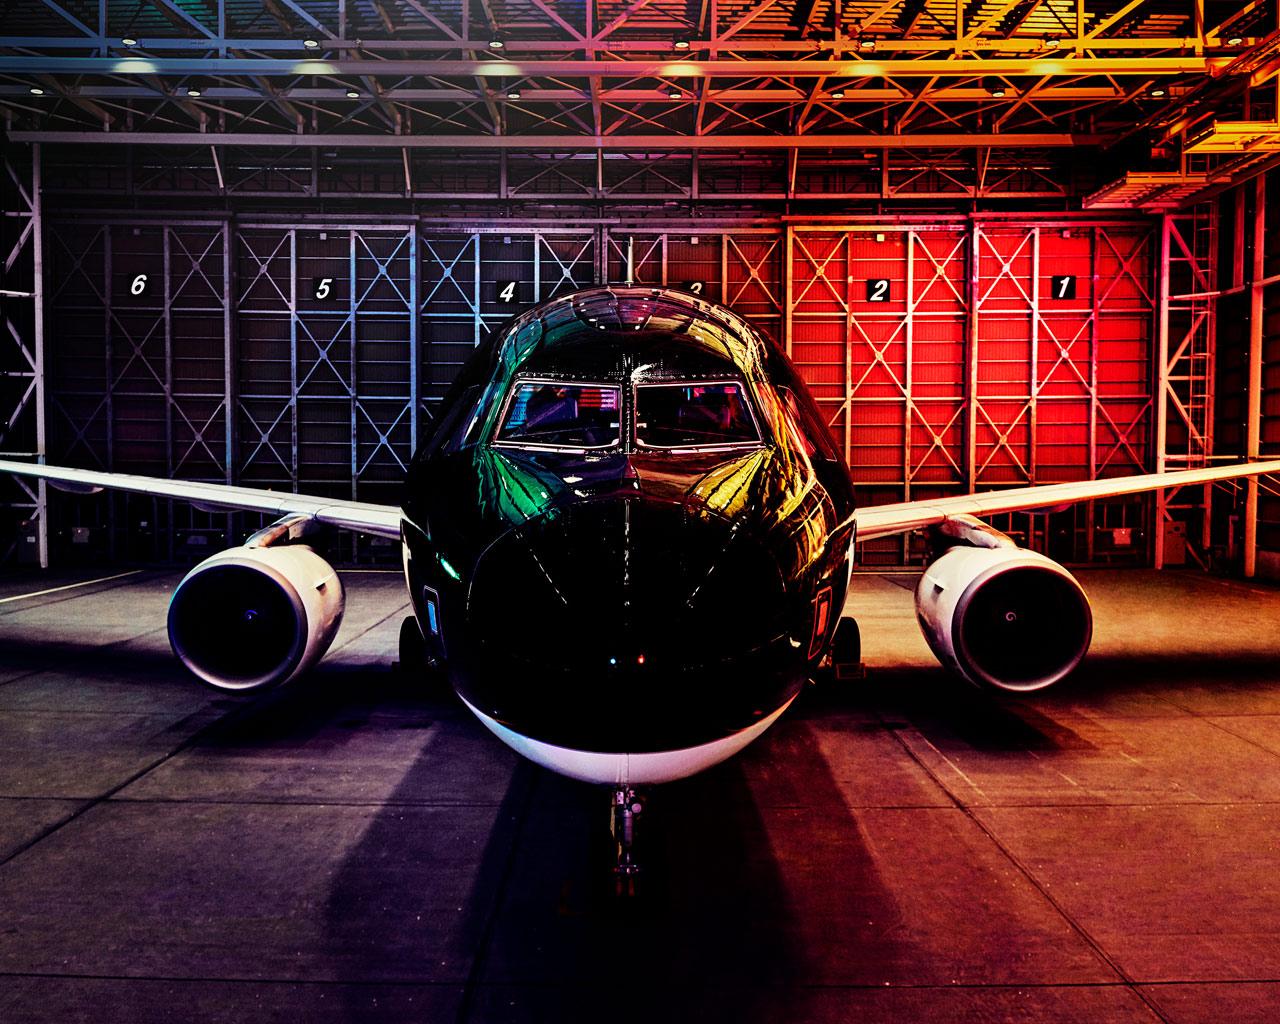 スターフライヤー、新ビジュアルで広告展開、漆黒の機体を際立たせてブランドイメージ強化